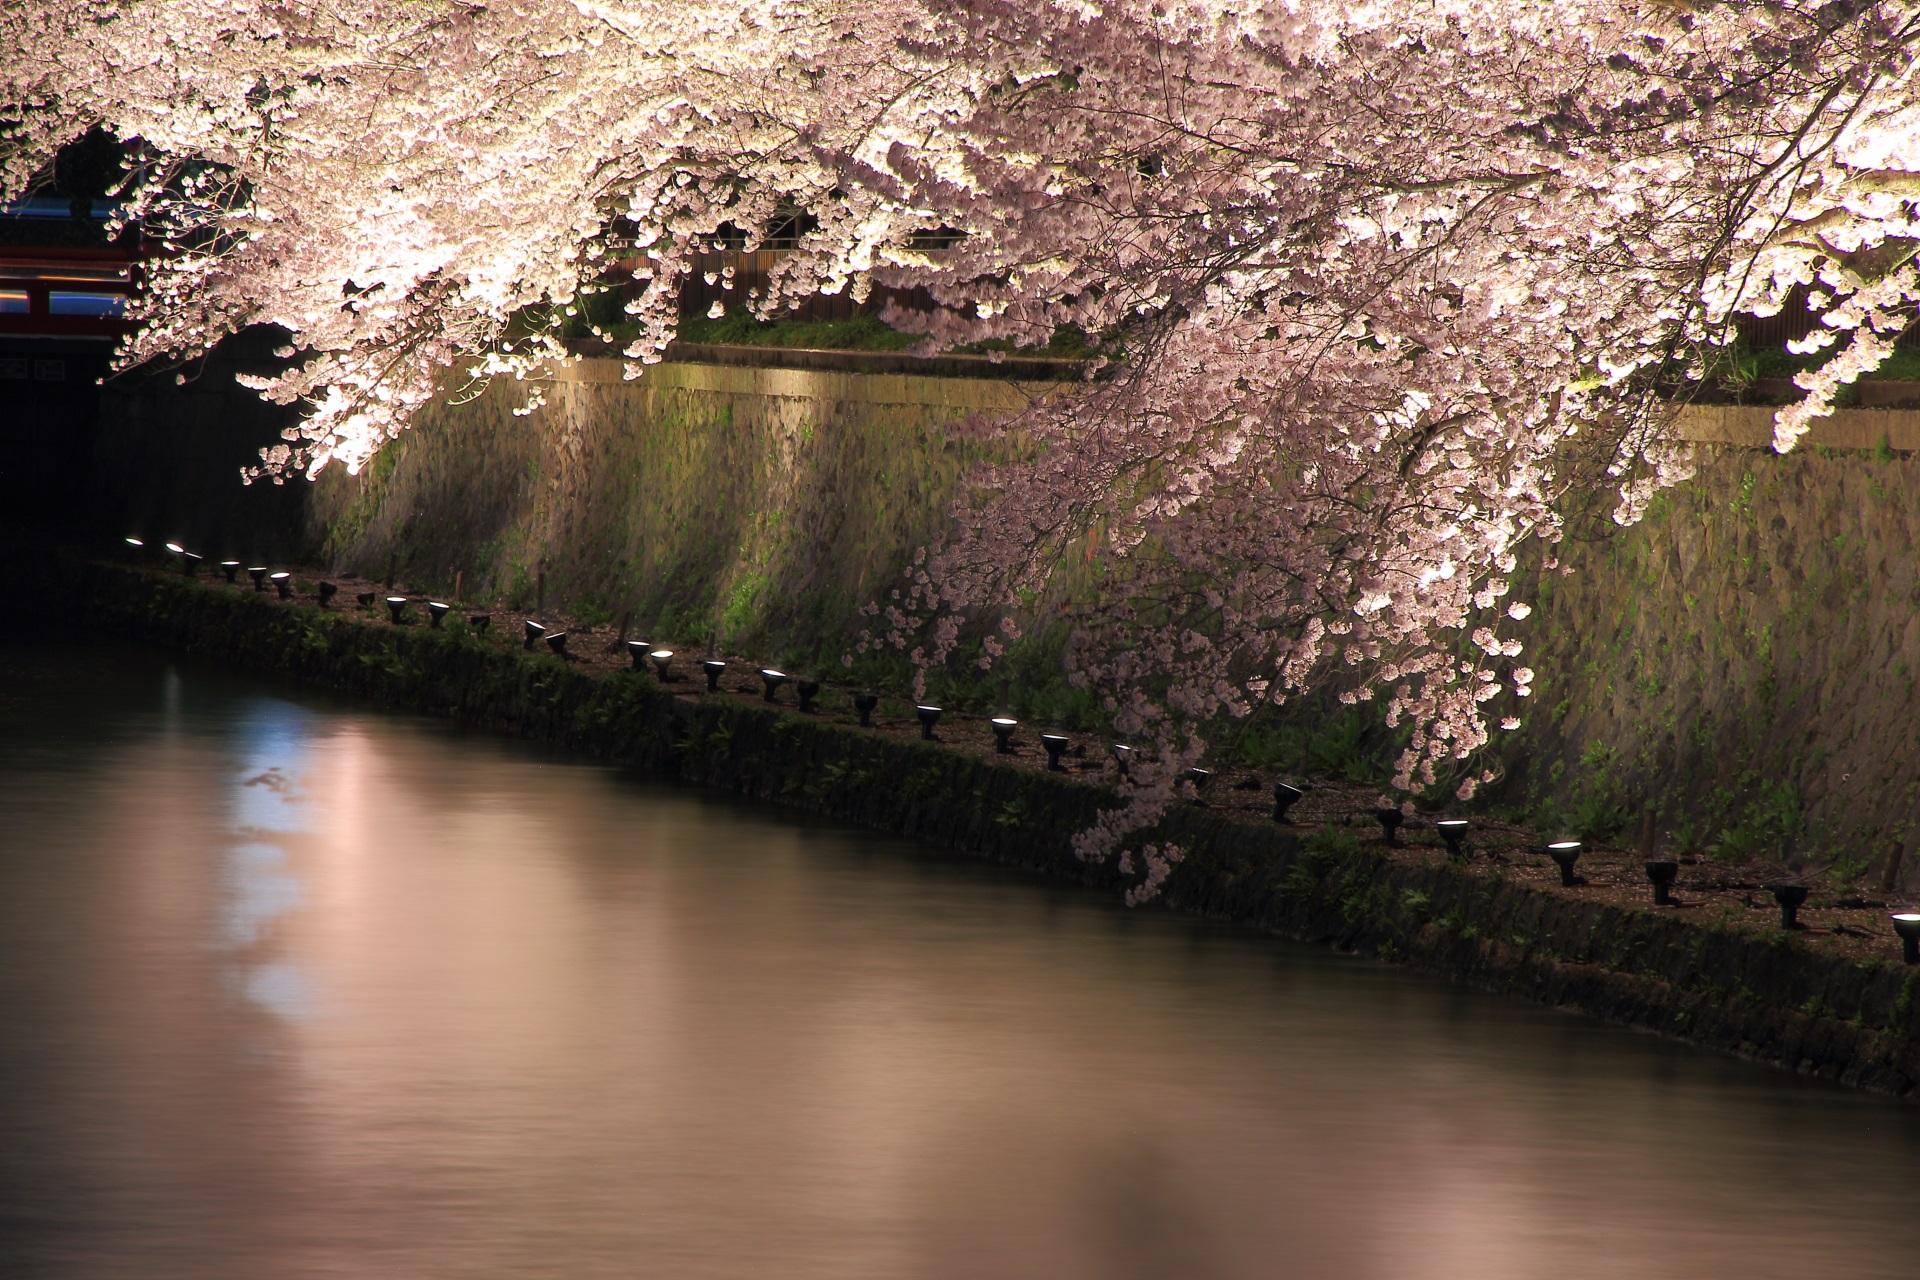 岡崎疏水の綺麗な桜の水鏡とモコモコに咲き誇る夜桜